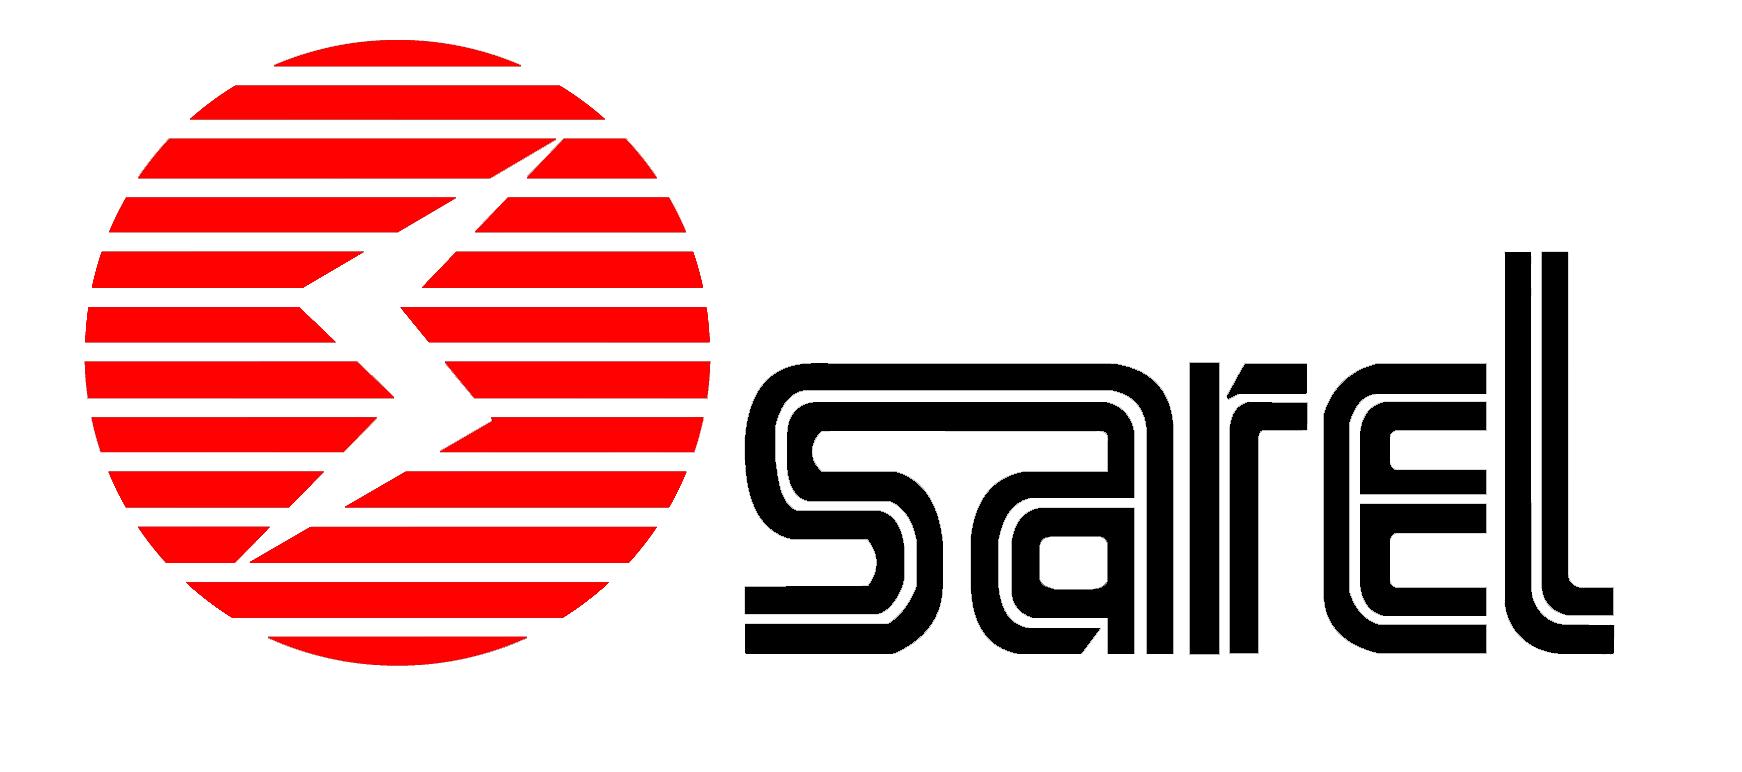 Sarel